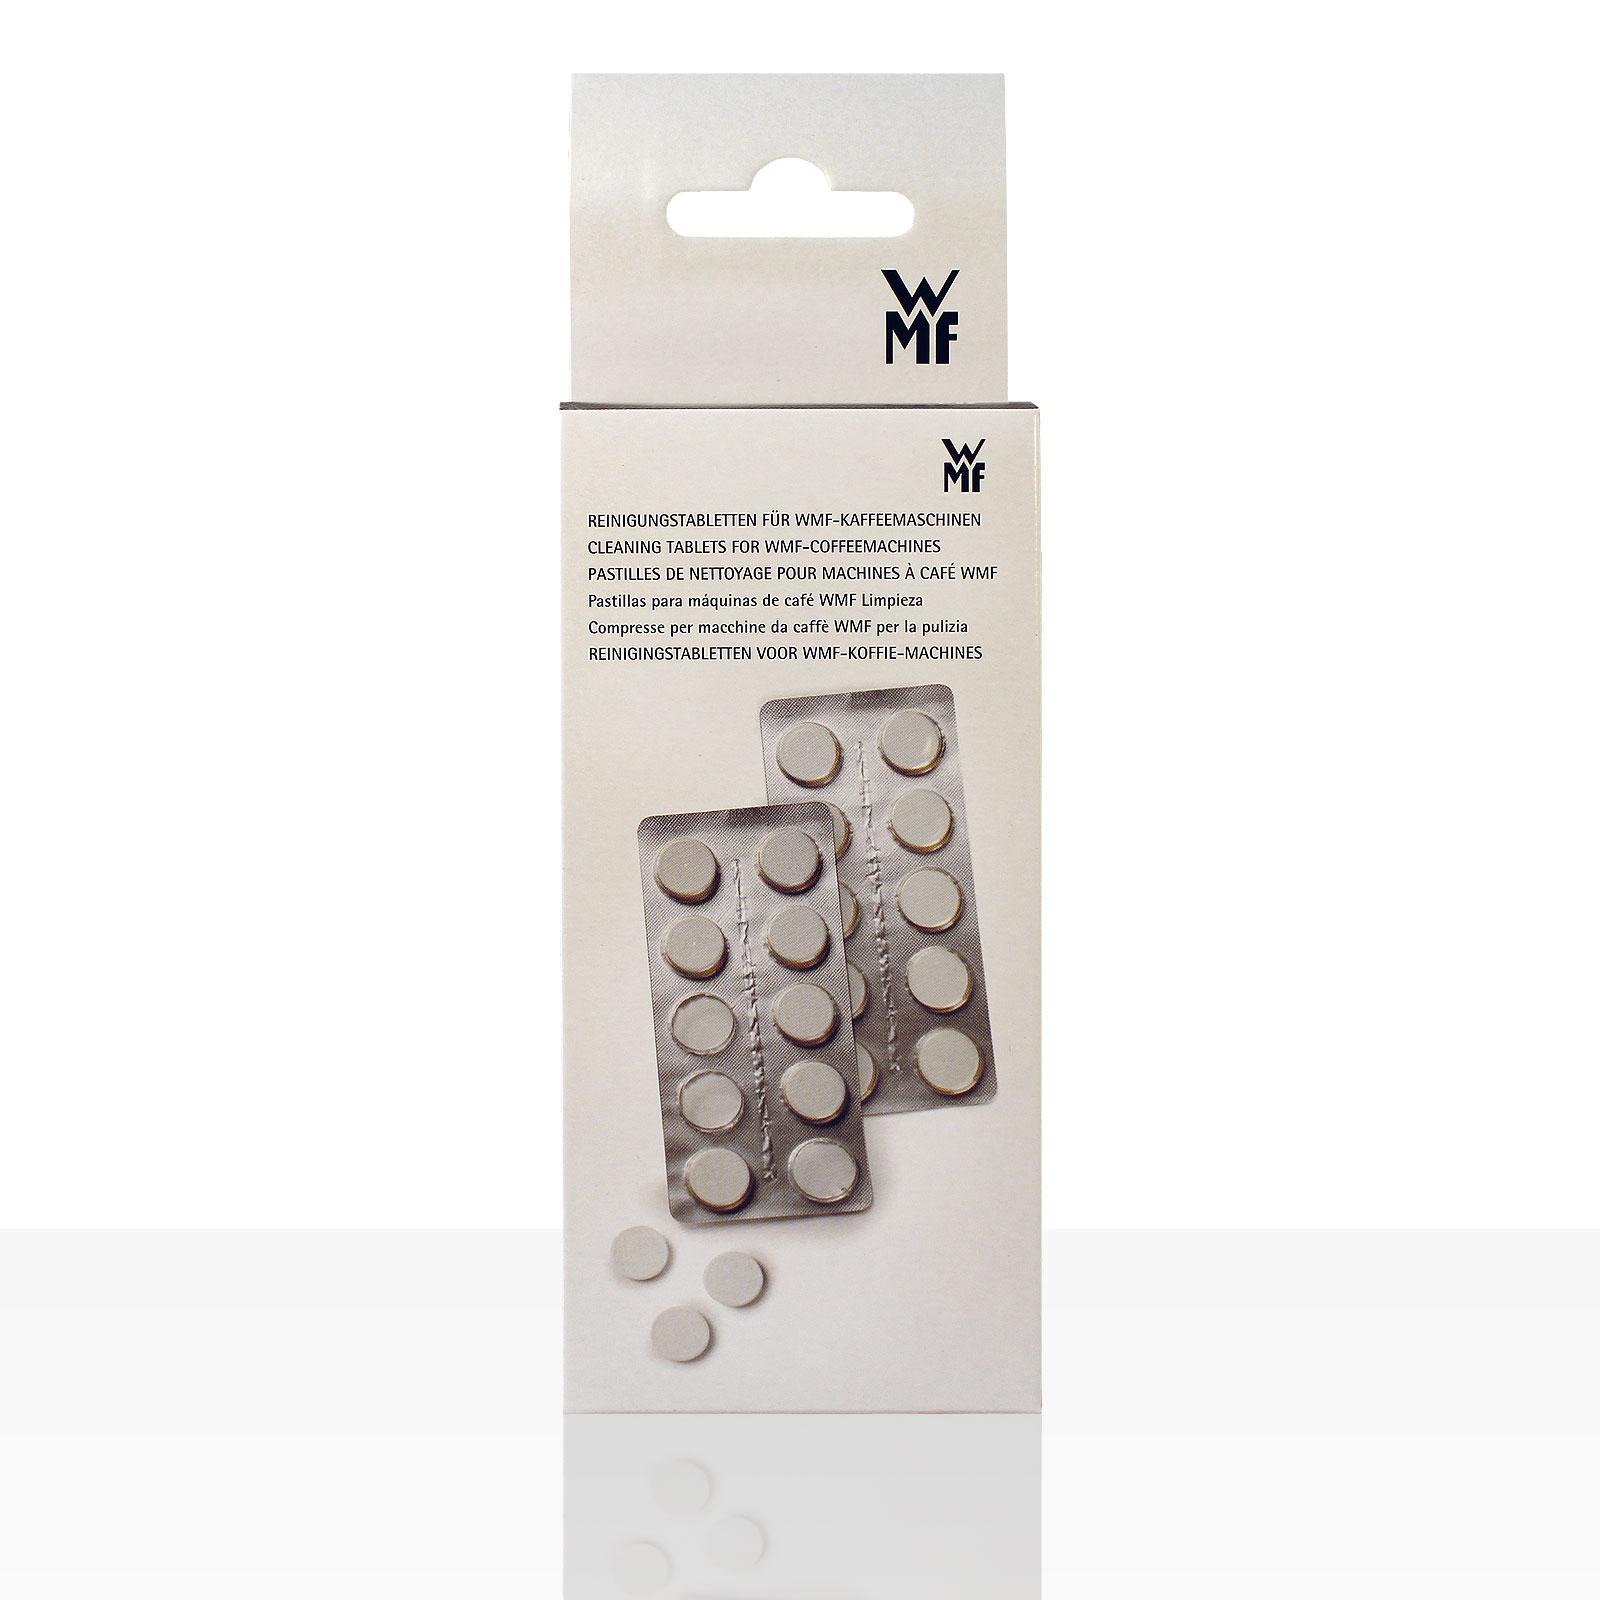 WMF Spezial-Reinigungstabletten 20 x 1,3g, Blister 5Stk